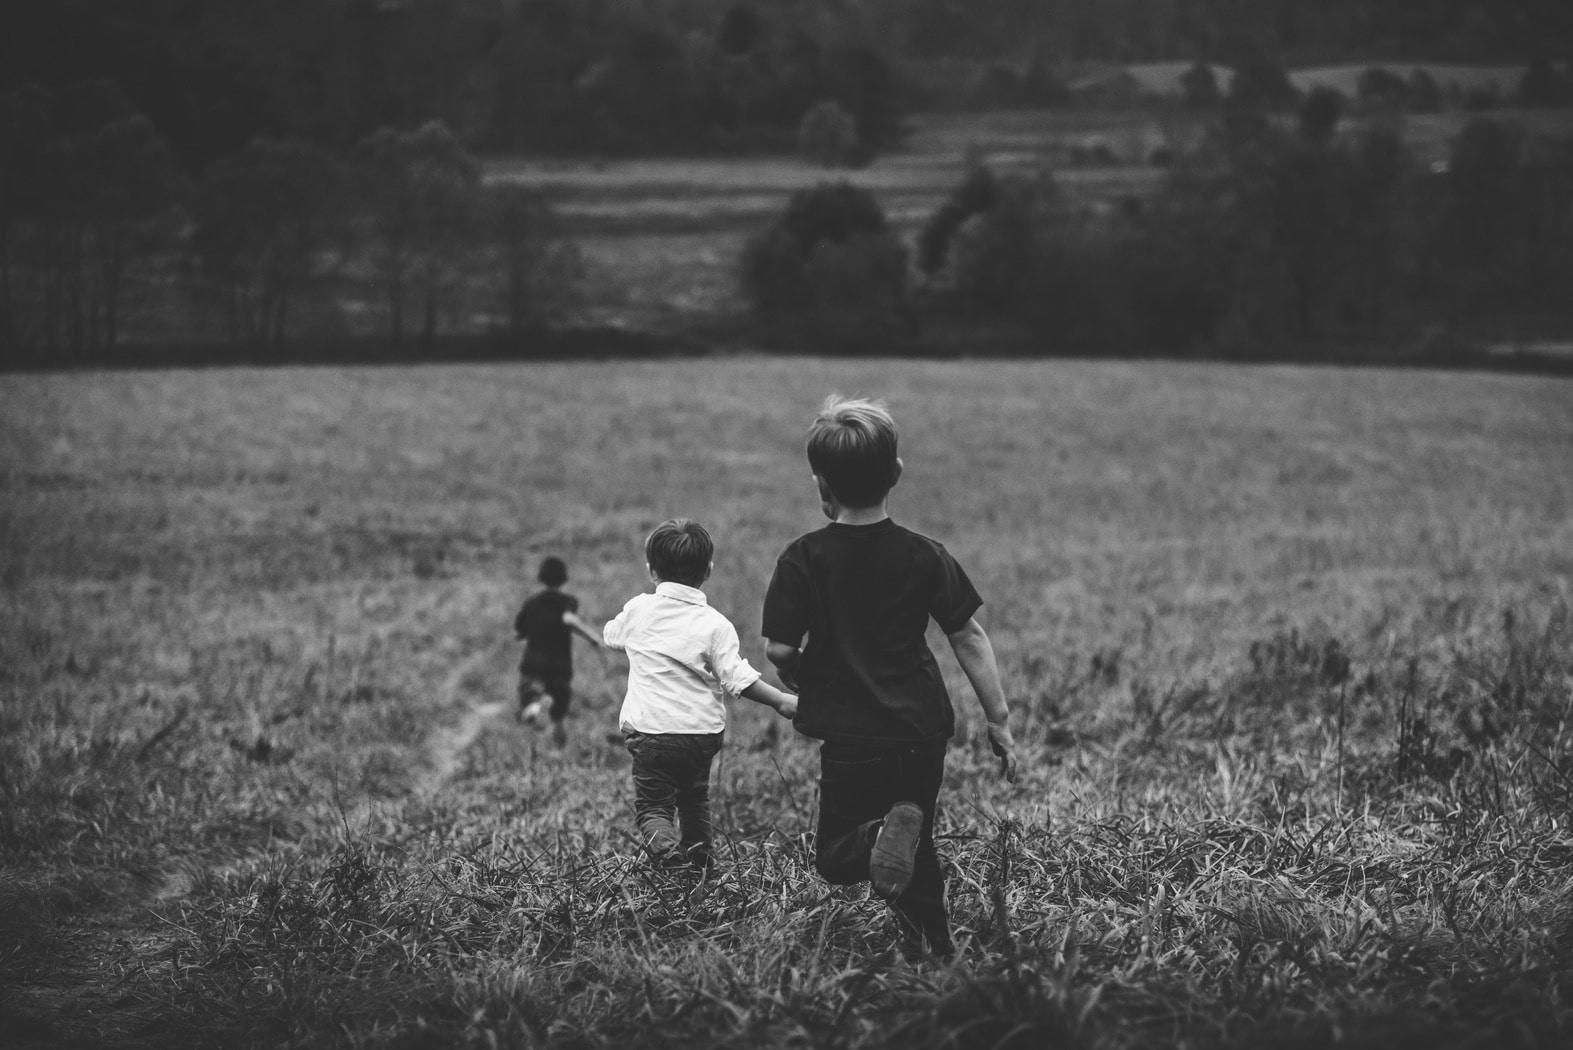 El maltrato infantil destruye a los niños y a nuestra sociedad